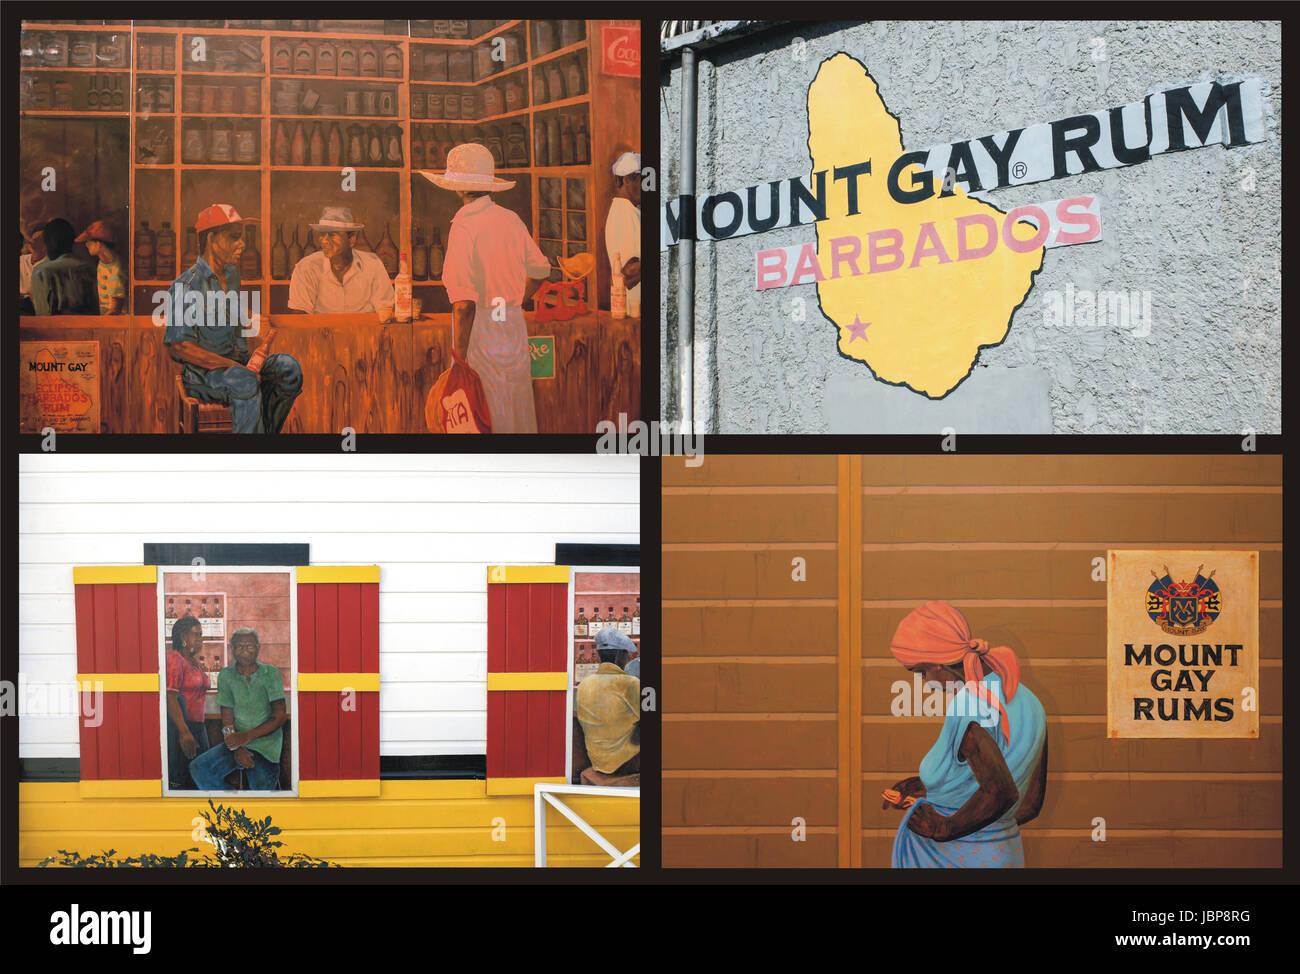 Collage von 4 Fotos aus der Berühmten Destillerie Mount Gay Rum Barbados Stockbild